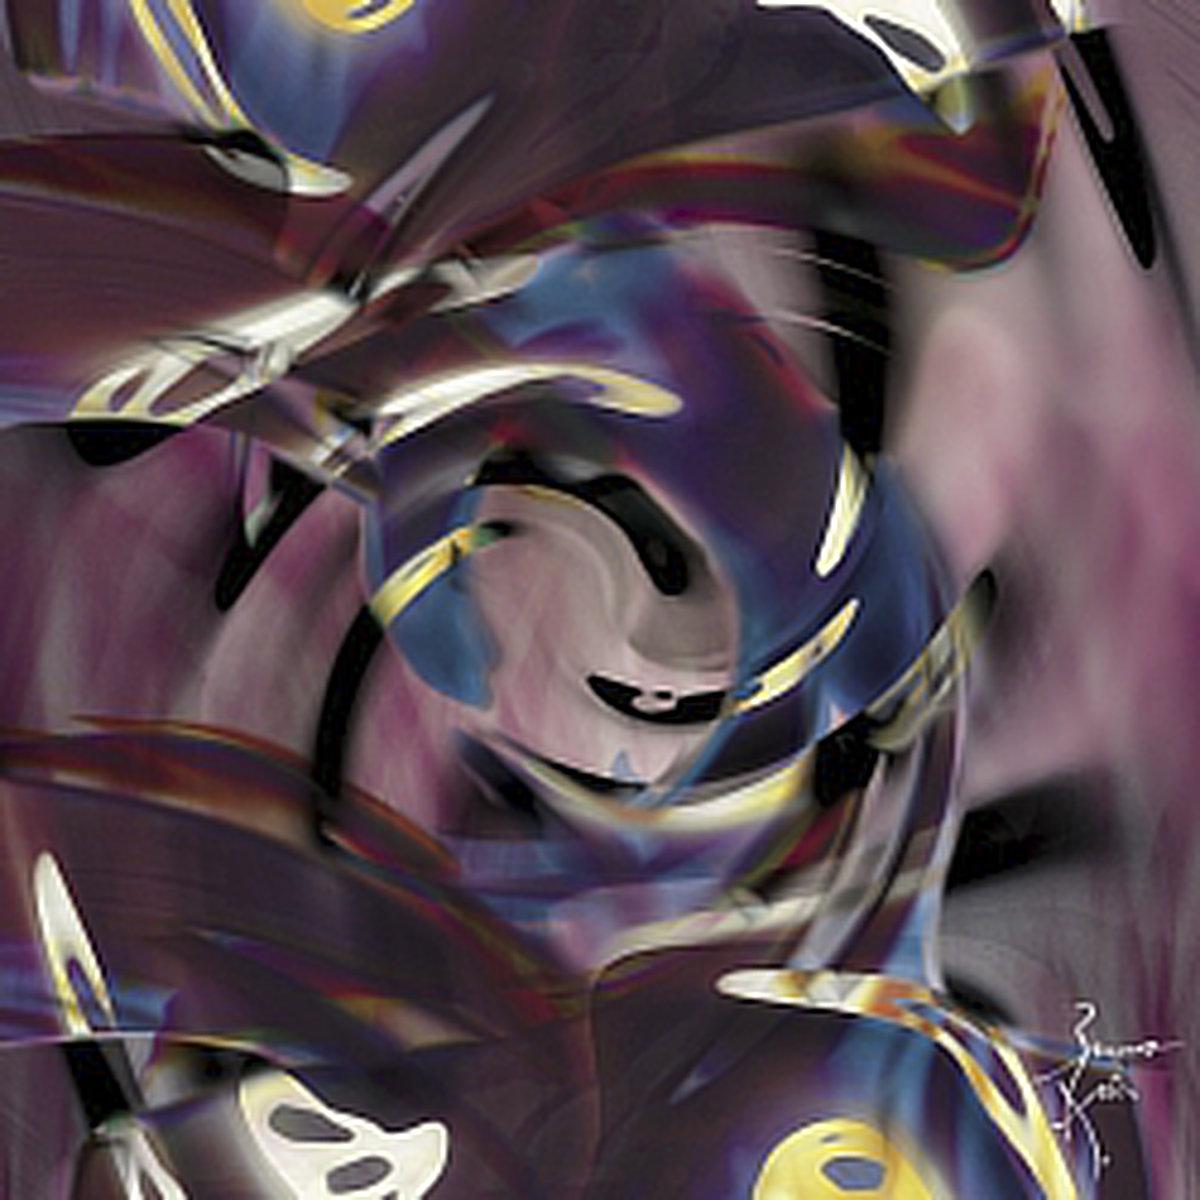 Peinture numérique Lentilles gravitationnelles. Série Chronoschromaties.